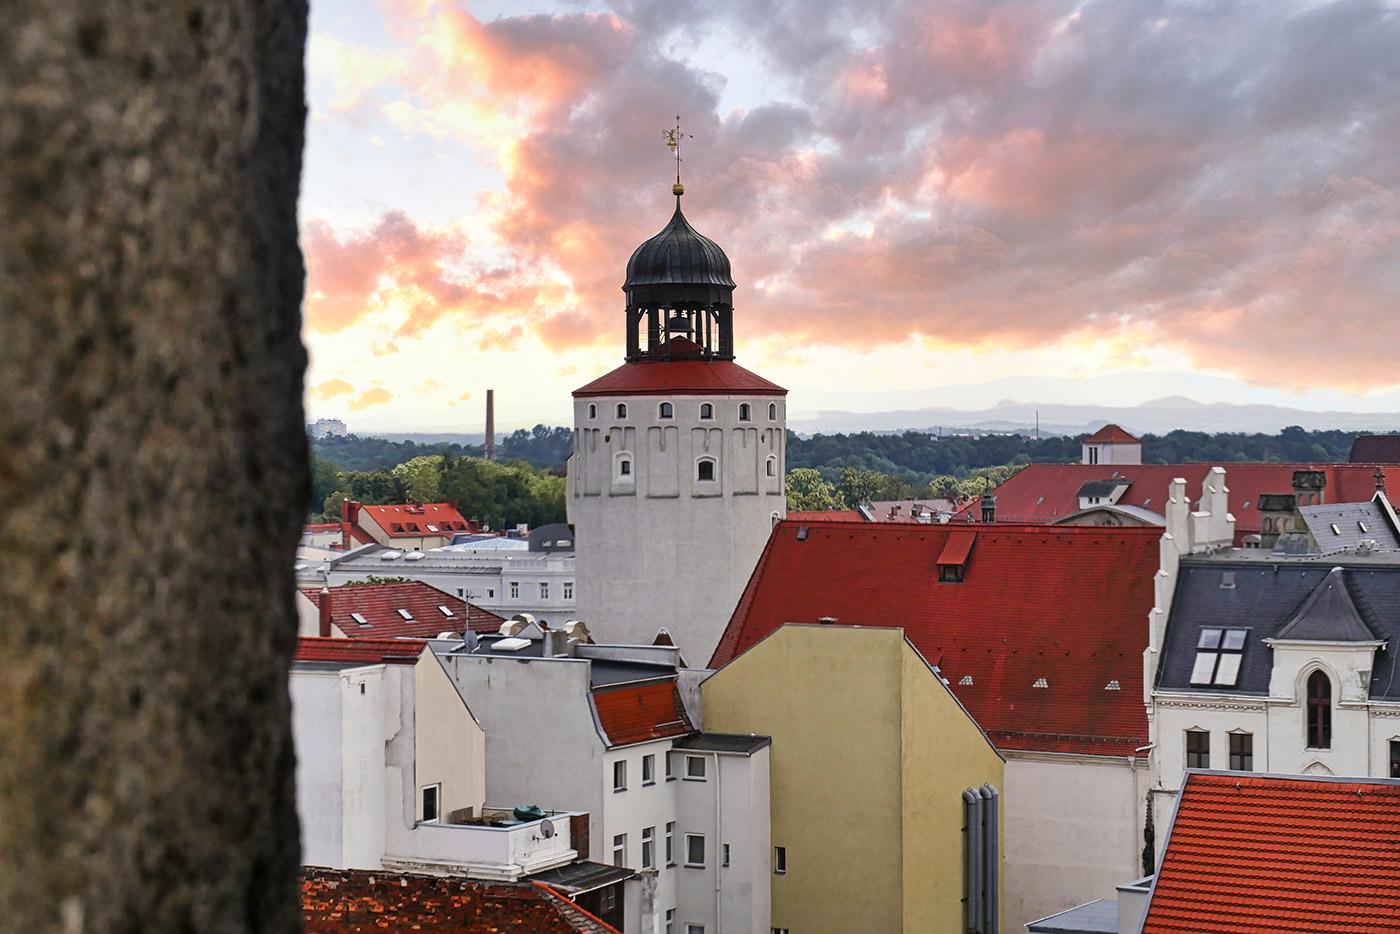 Dicke Turm Görlitz